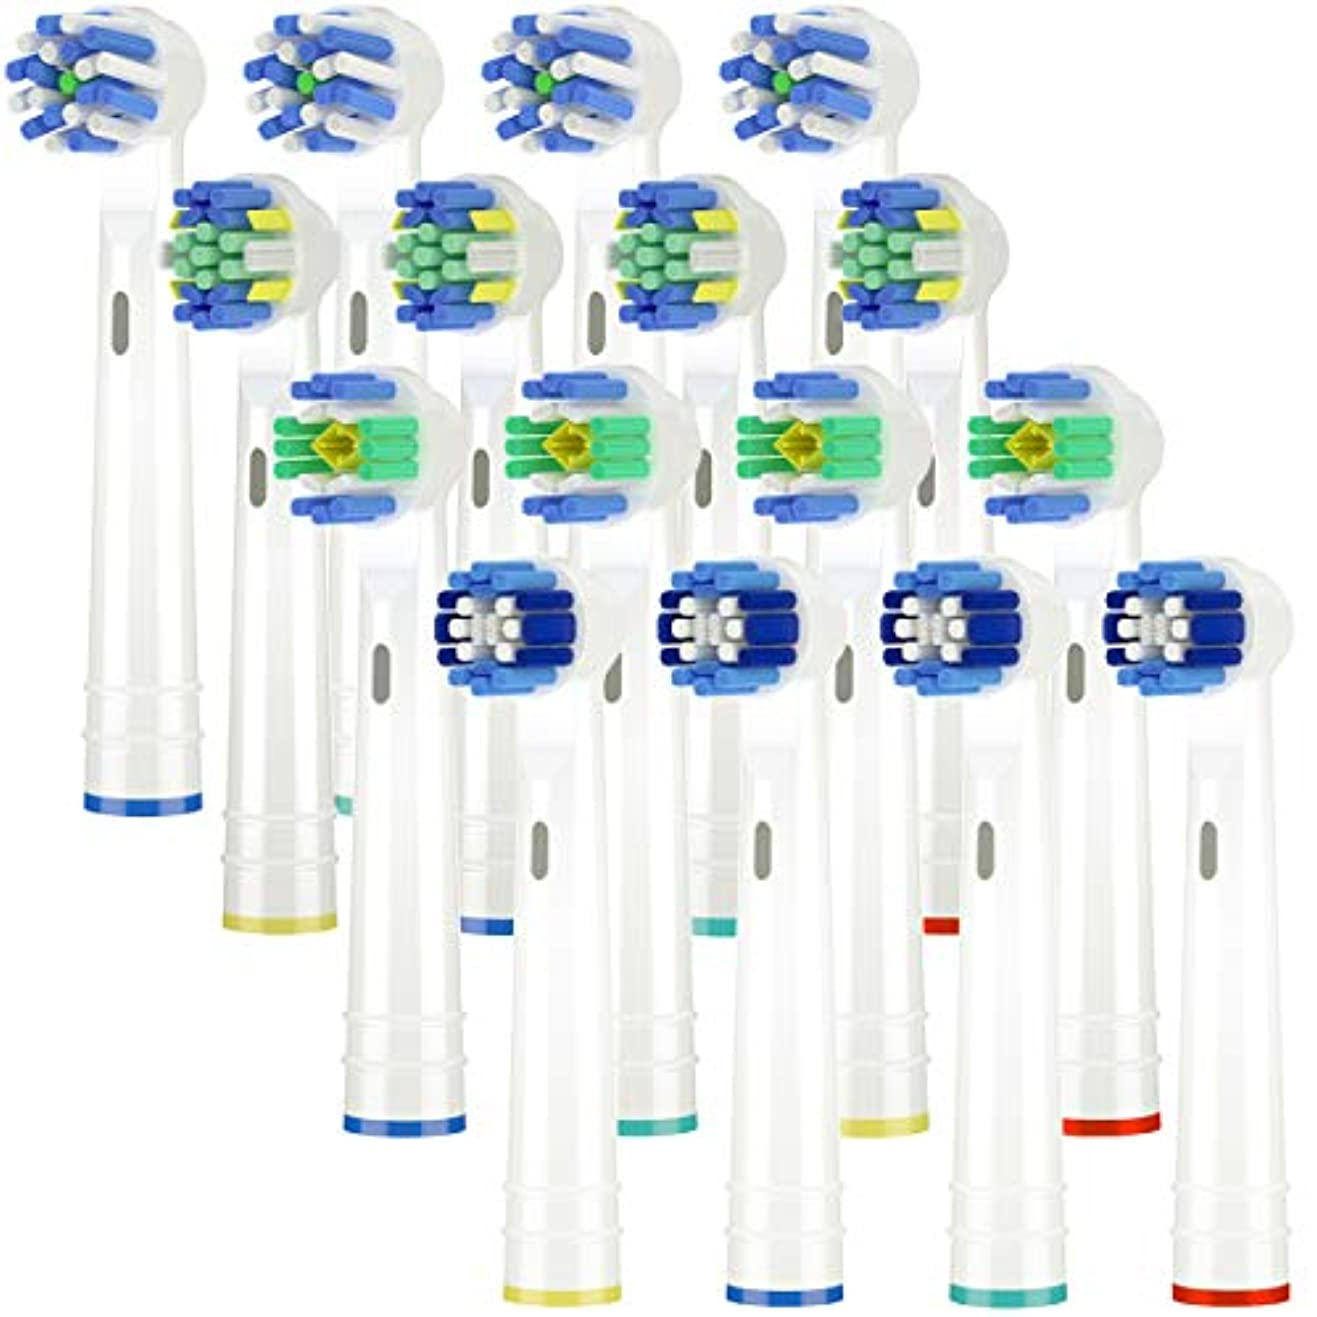 走る驚くばかり一般的に言えばItechnik 電動歯ブラシ 替えブラシ ブラウン オーラルB 対応 替えブラシ 4種類が入り:ホワイトニングブラシ 、ベーシックブラシ、歯間ワイパー付きブラシ、マルチアクションブラシ 凡用な16本